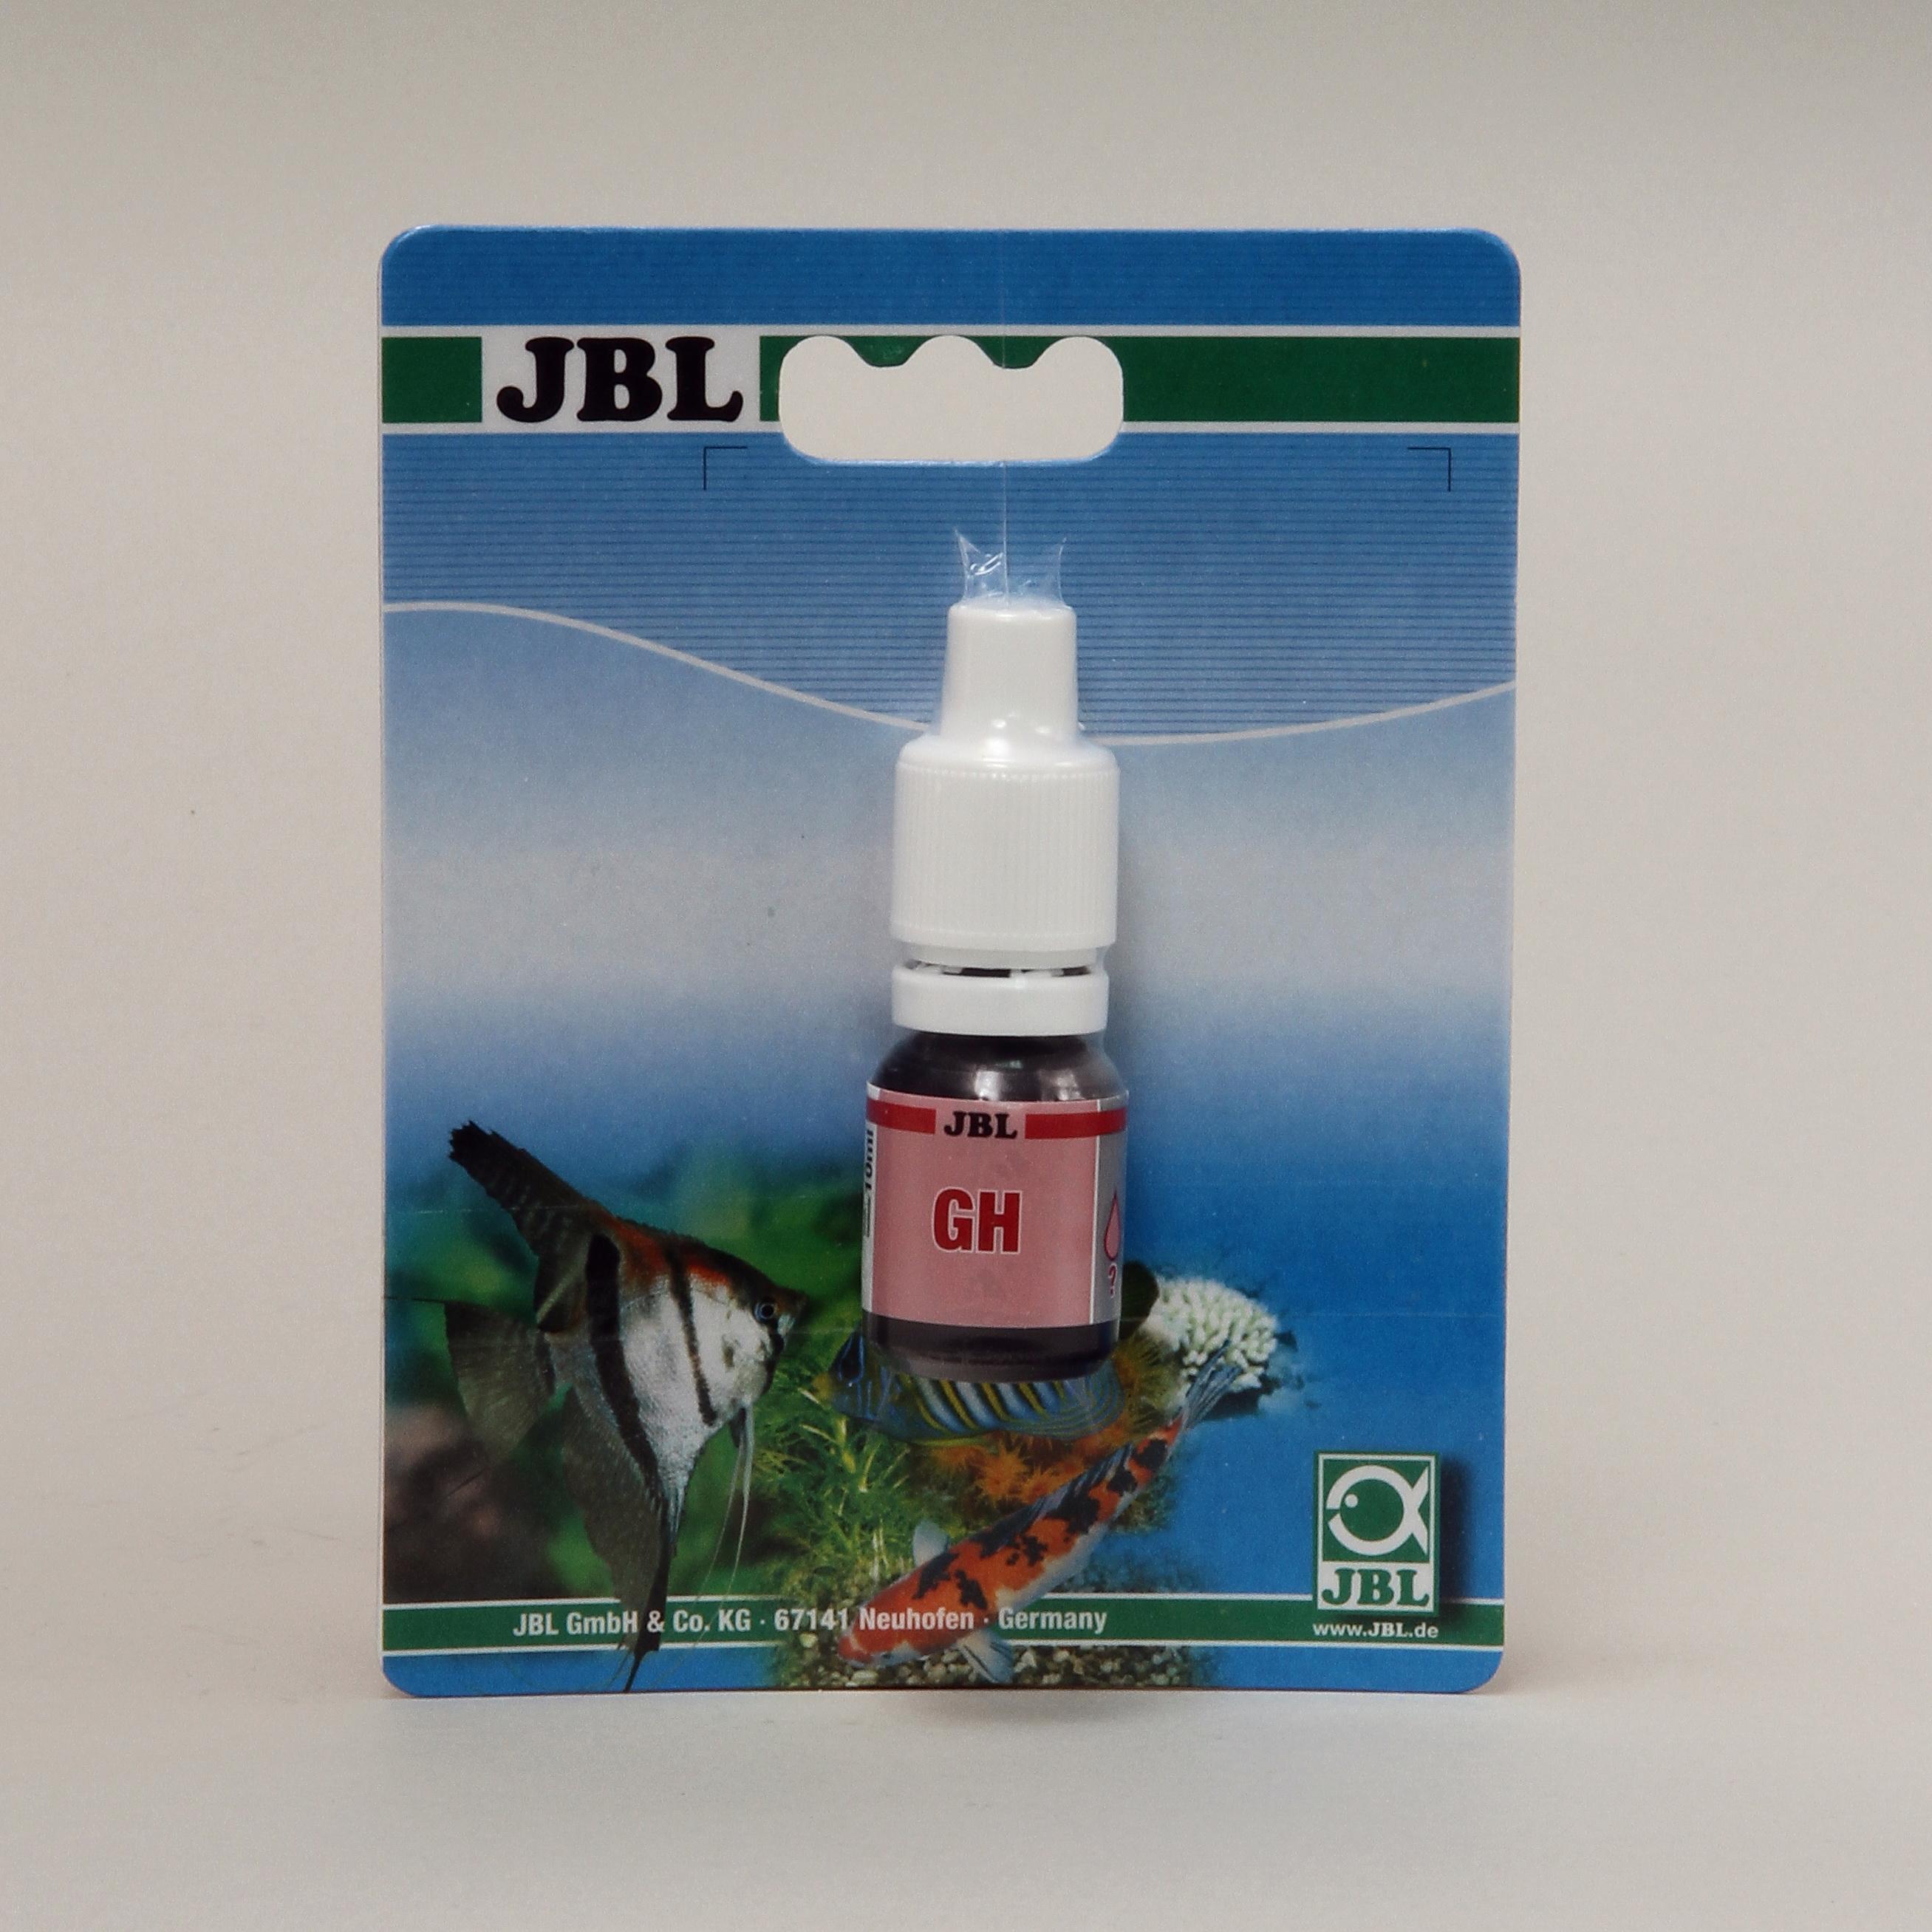 JBL GH Reagens Nachfüllpack für  Gesamthärte-Test  für Süßwasser Wassertests